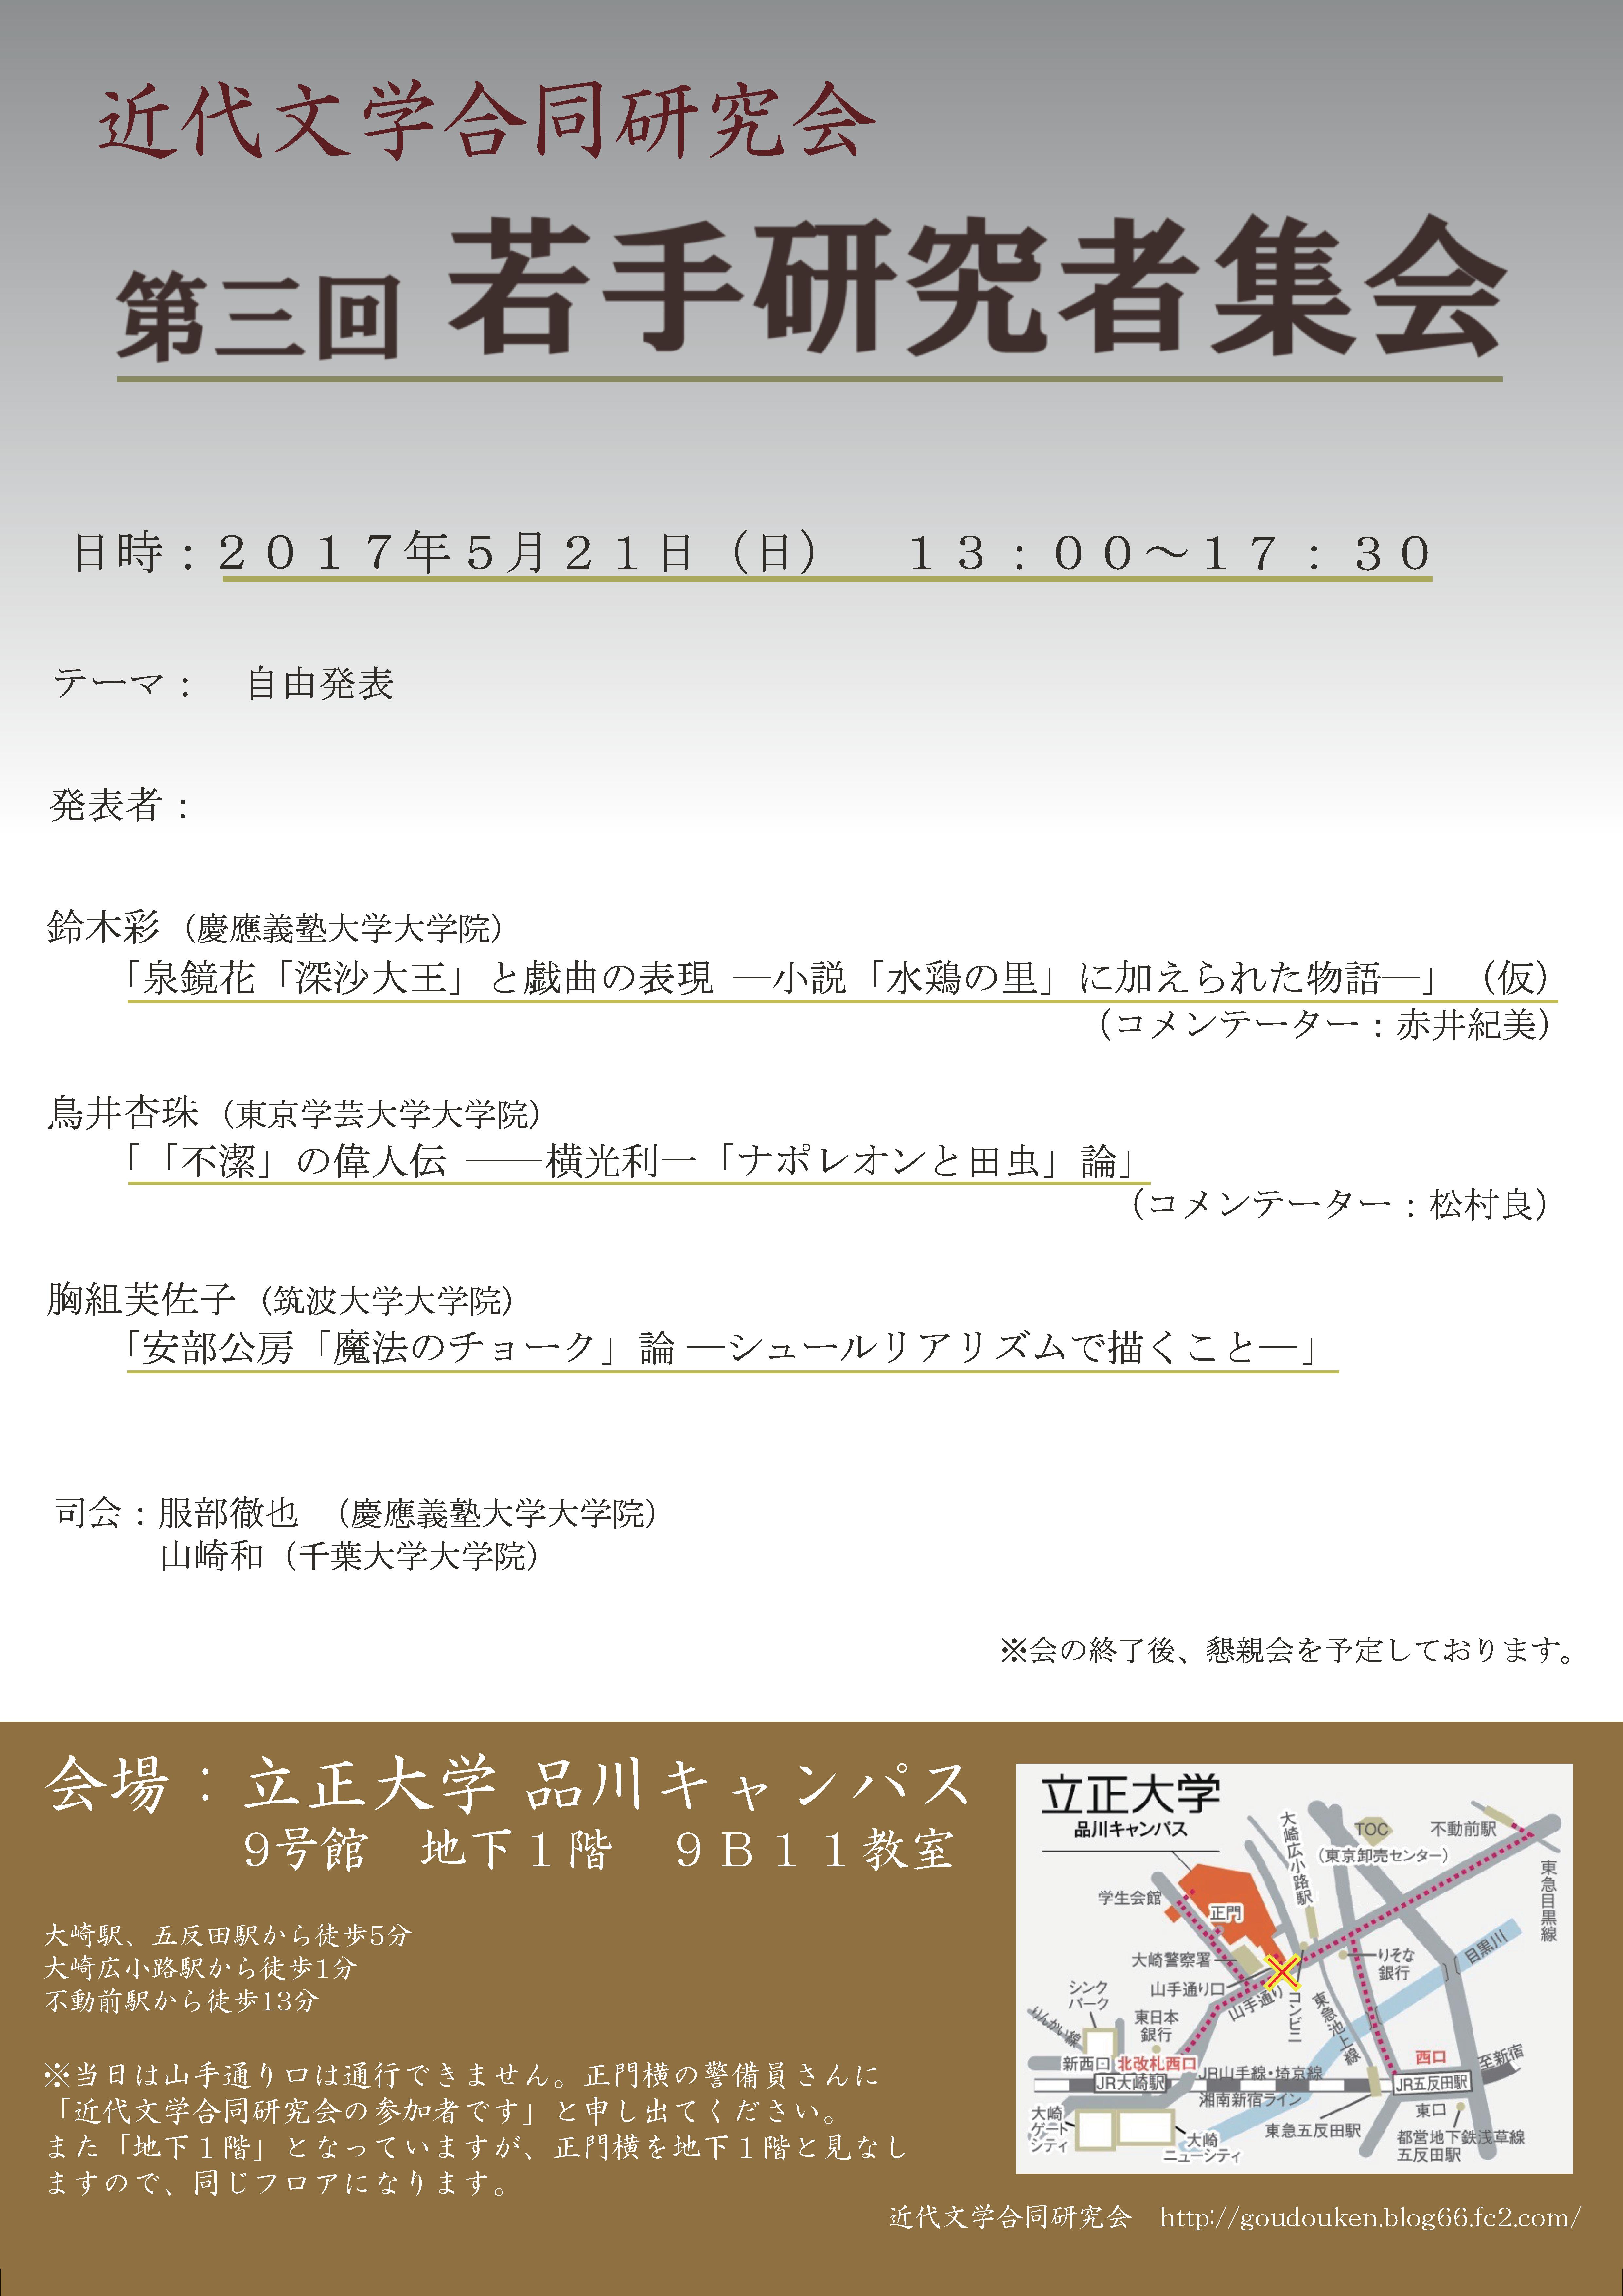 20170521第3回若手研究者集会ポスター0510(最終3)